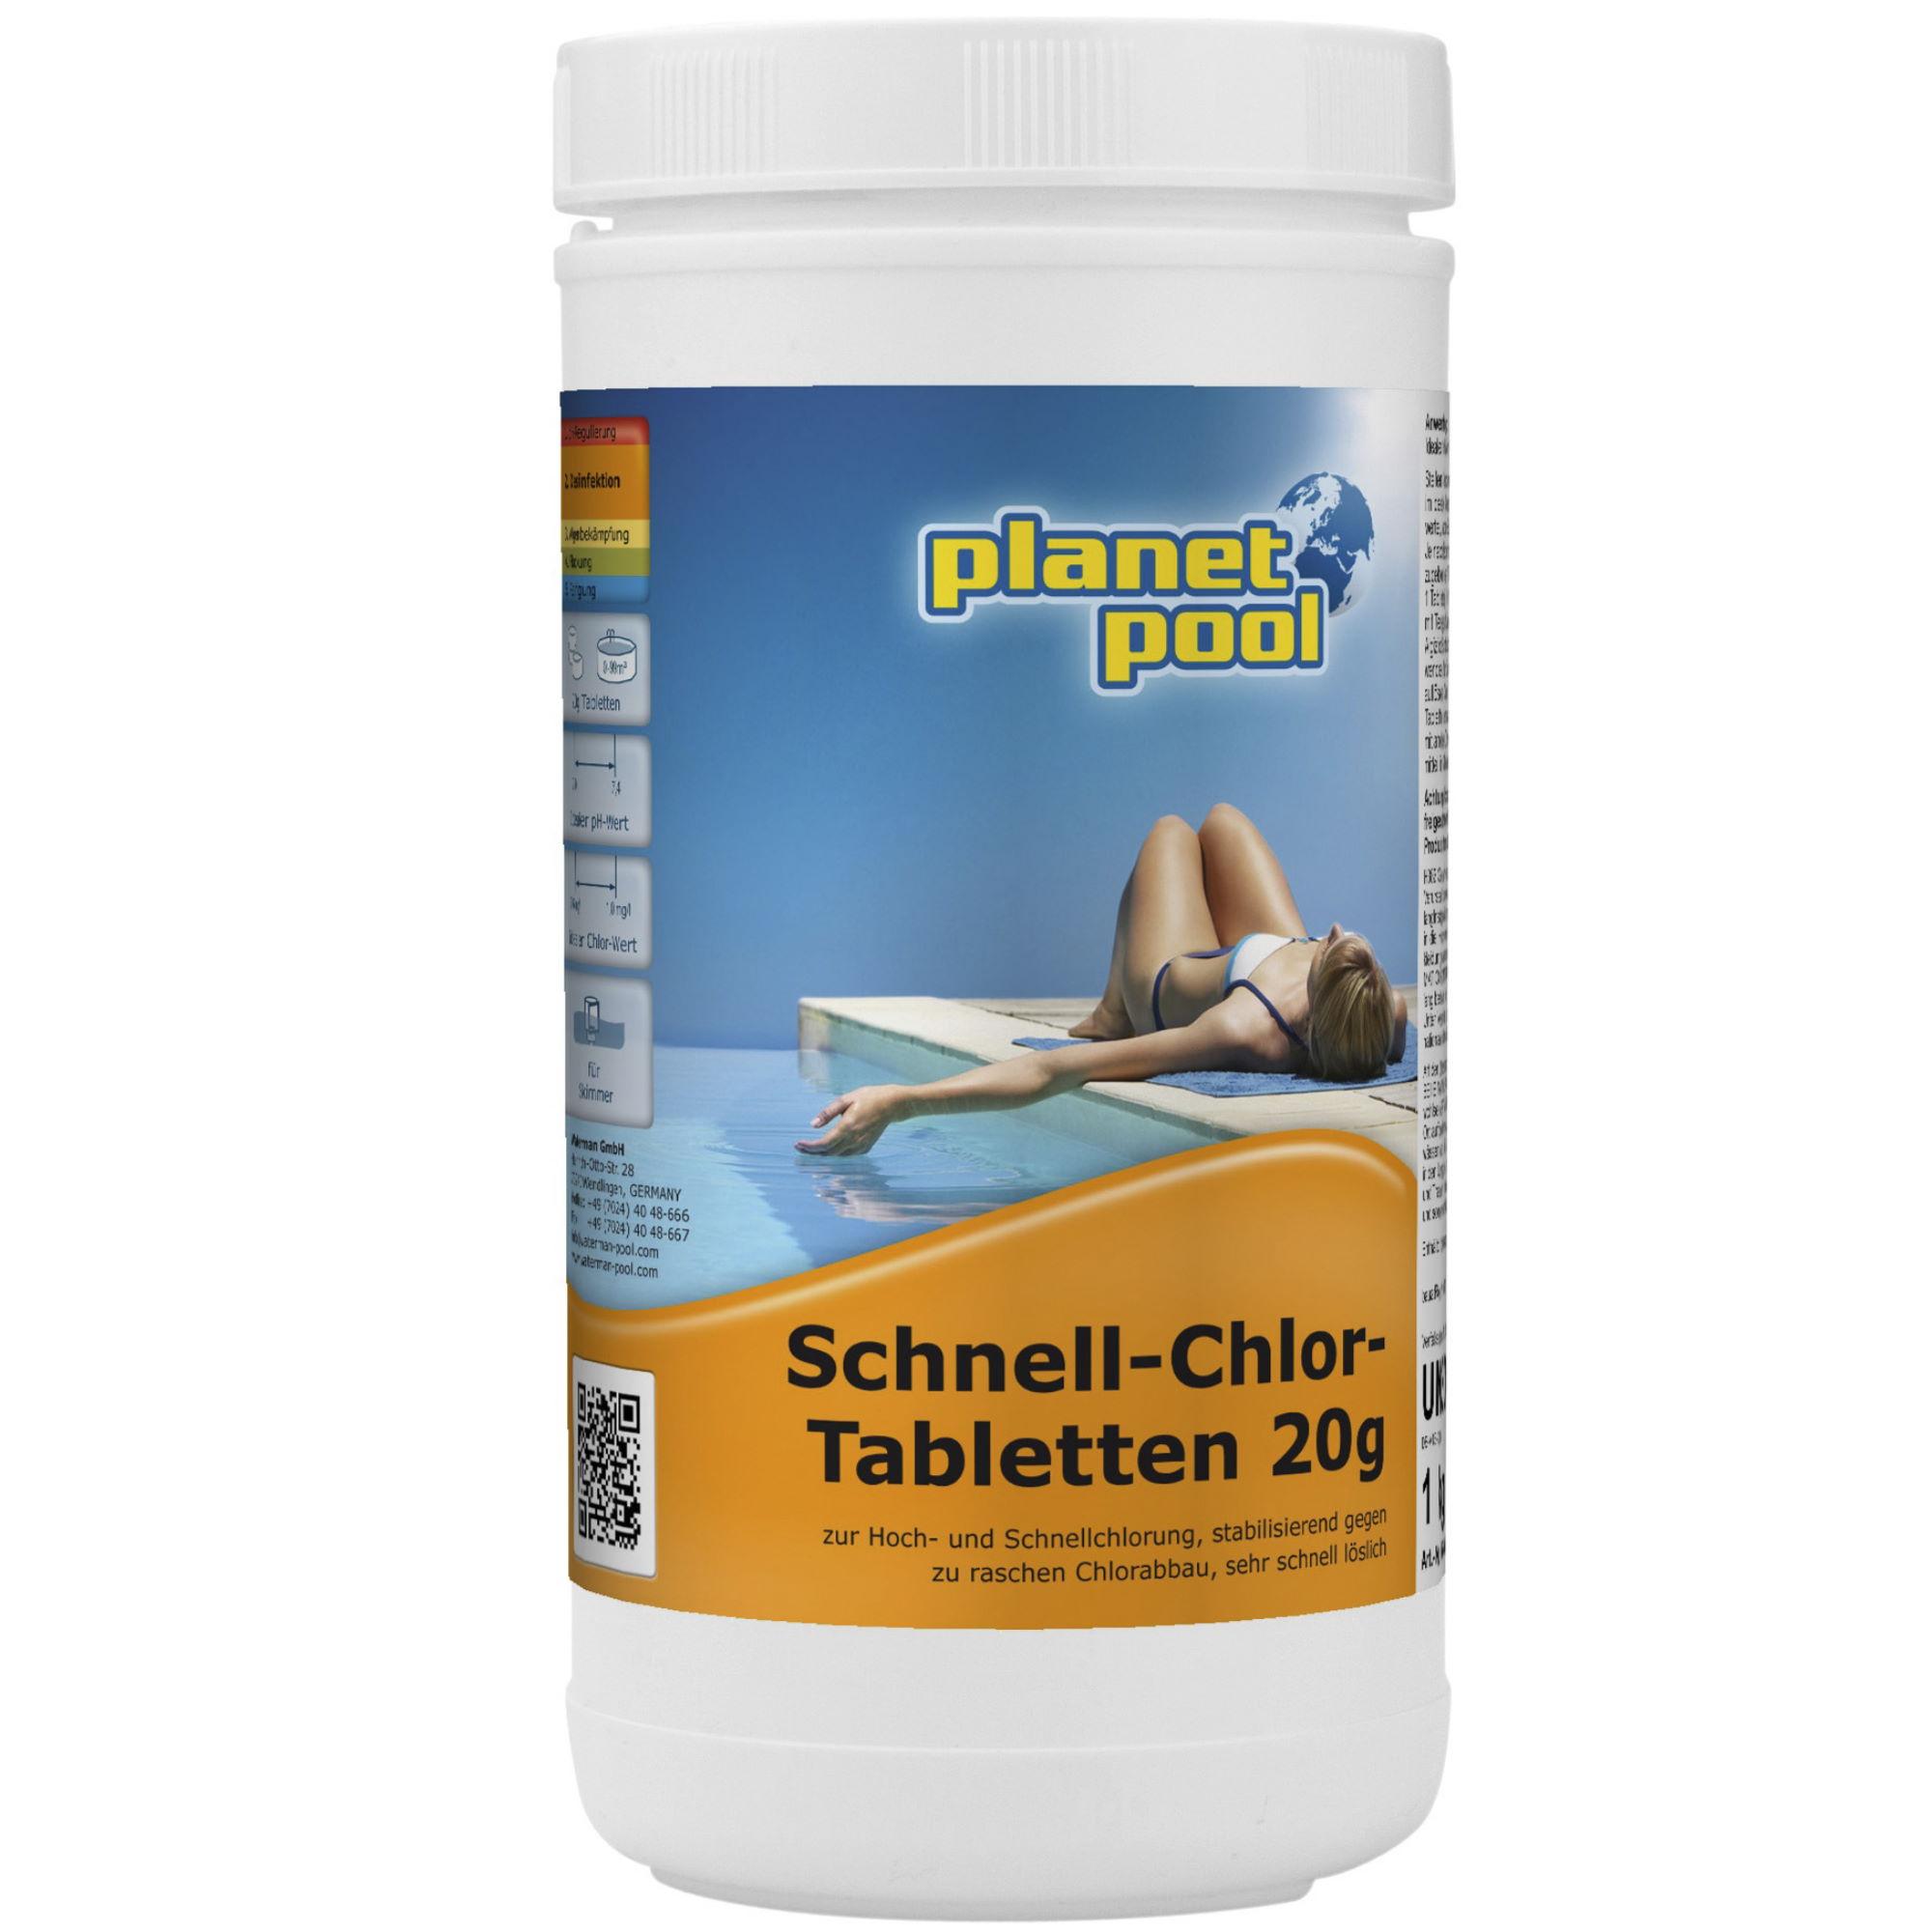 PLANET POOL Schnell-Chlor-Tabletten 20g 1kg